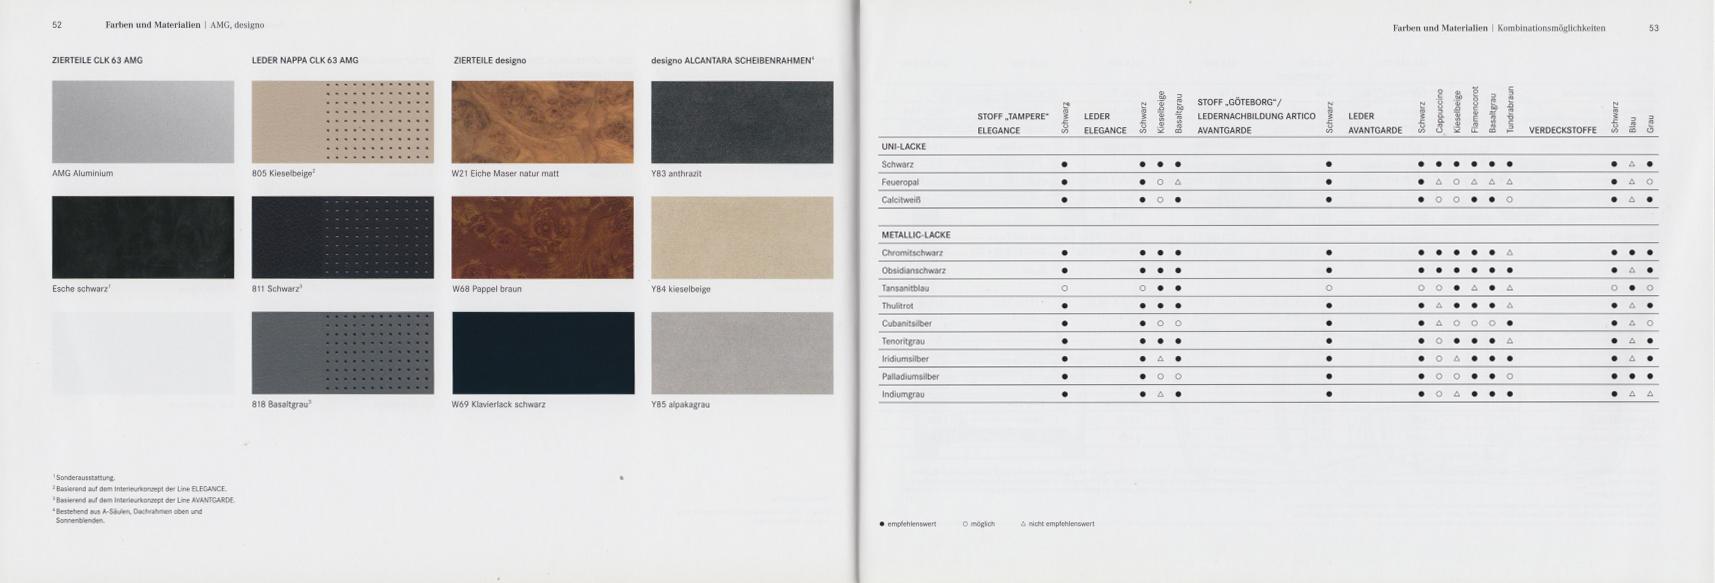 (A209): Catálogo 2008 - alemão 028